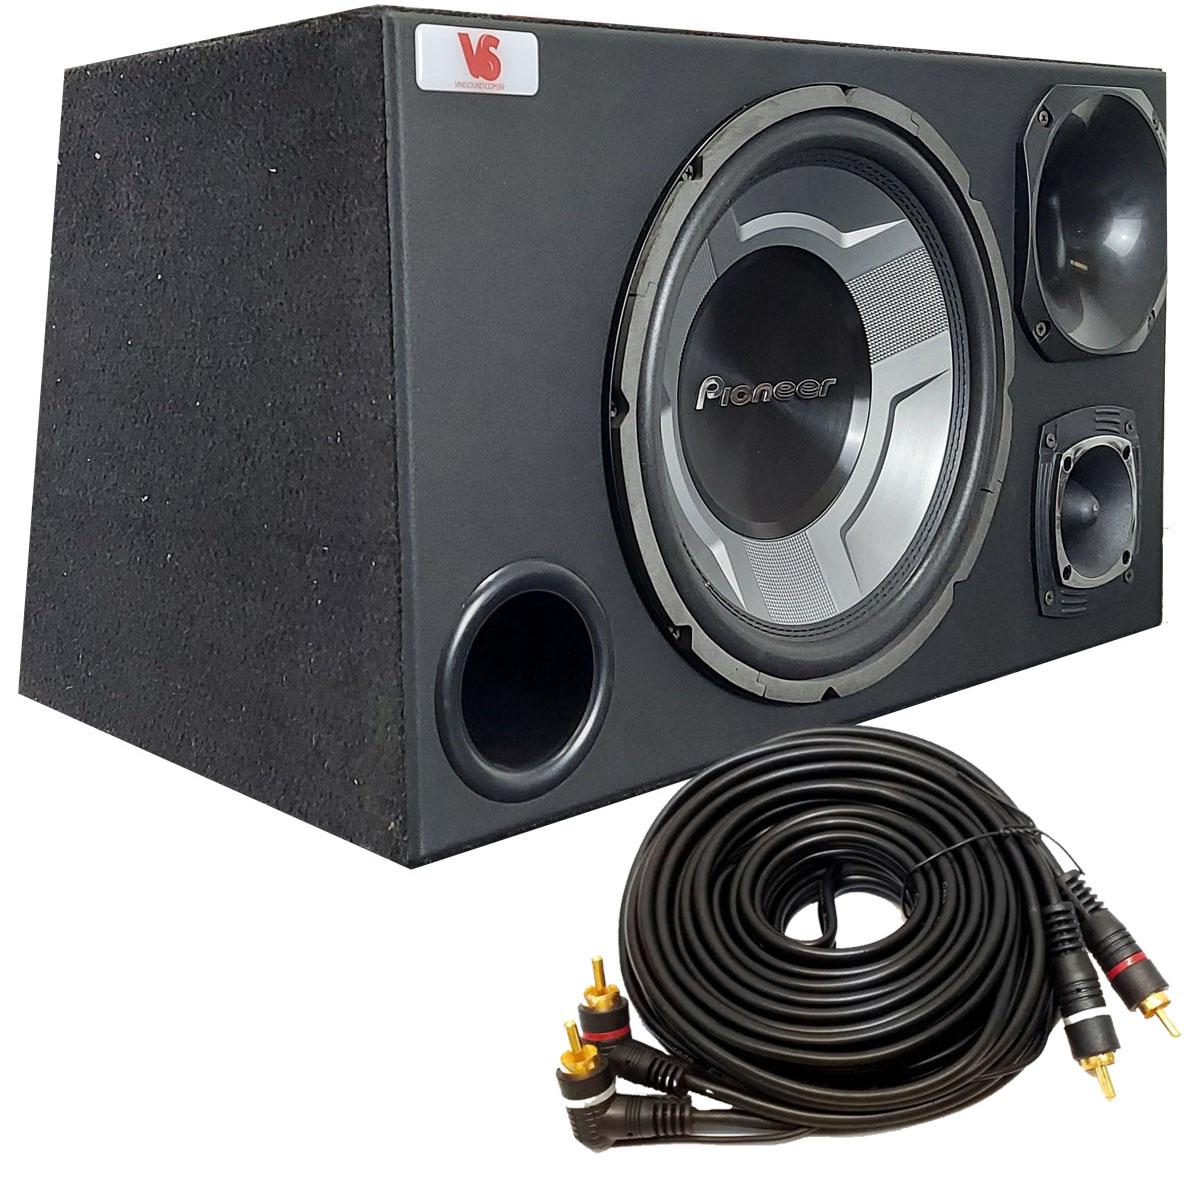 Caixa Trio Sub Pioneer TS-W3060BR 350WRMS 12 Pol + Driver + Tweeter